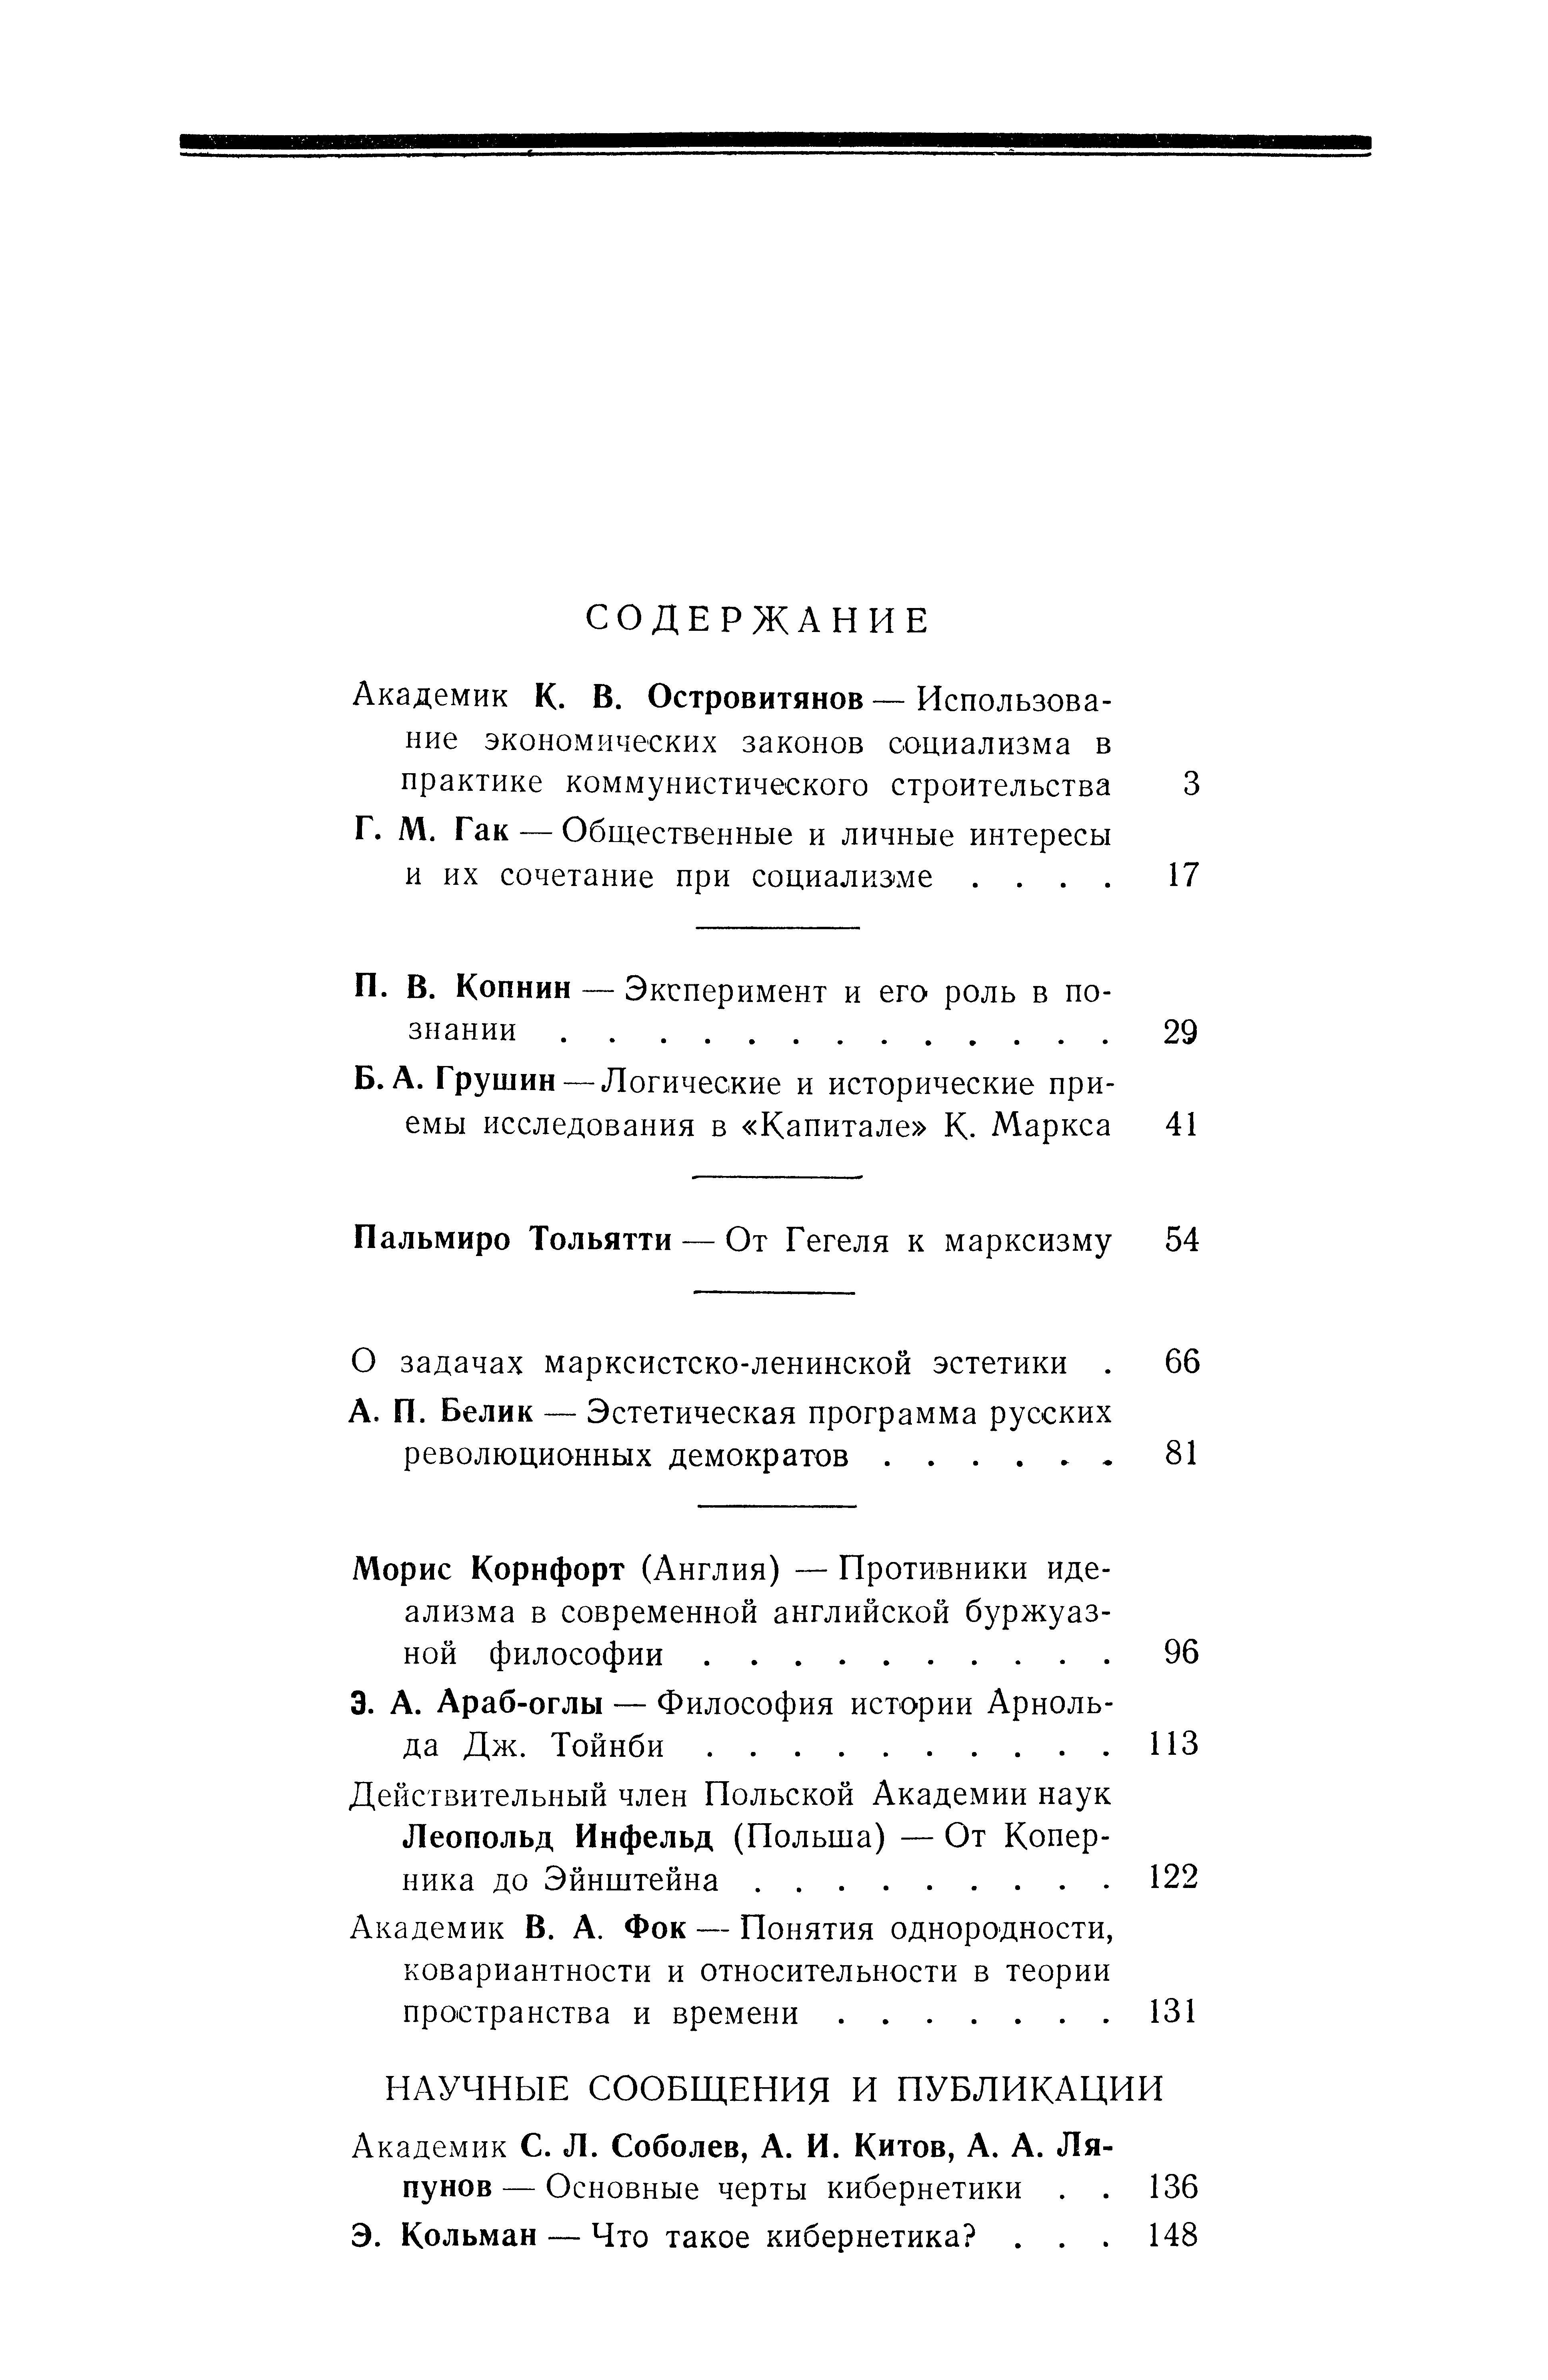 ВФ, № 4 - 1955_224